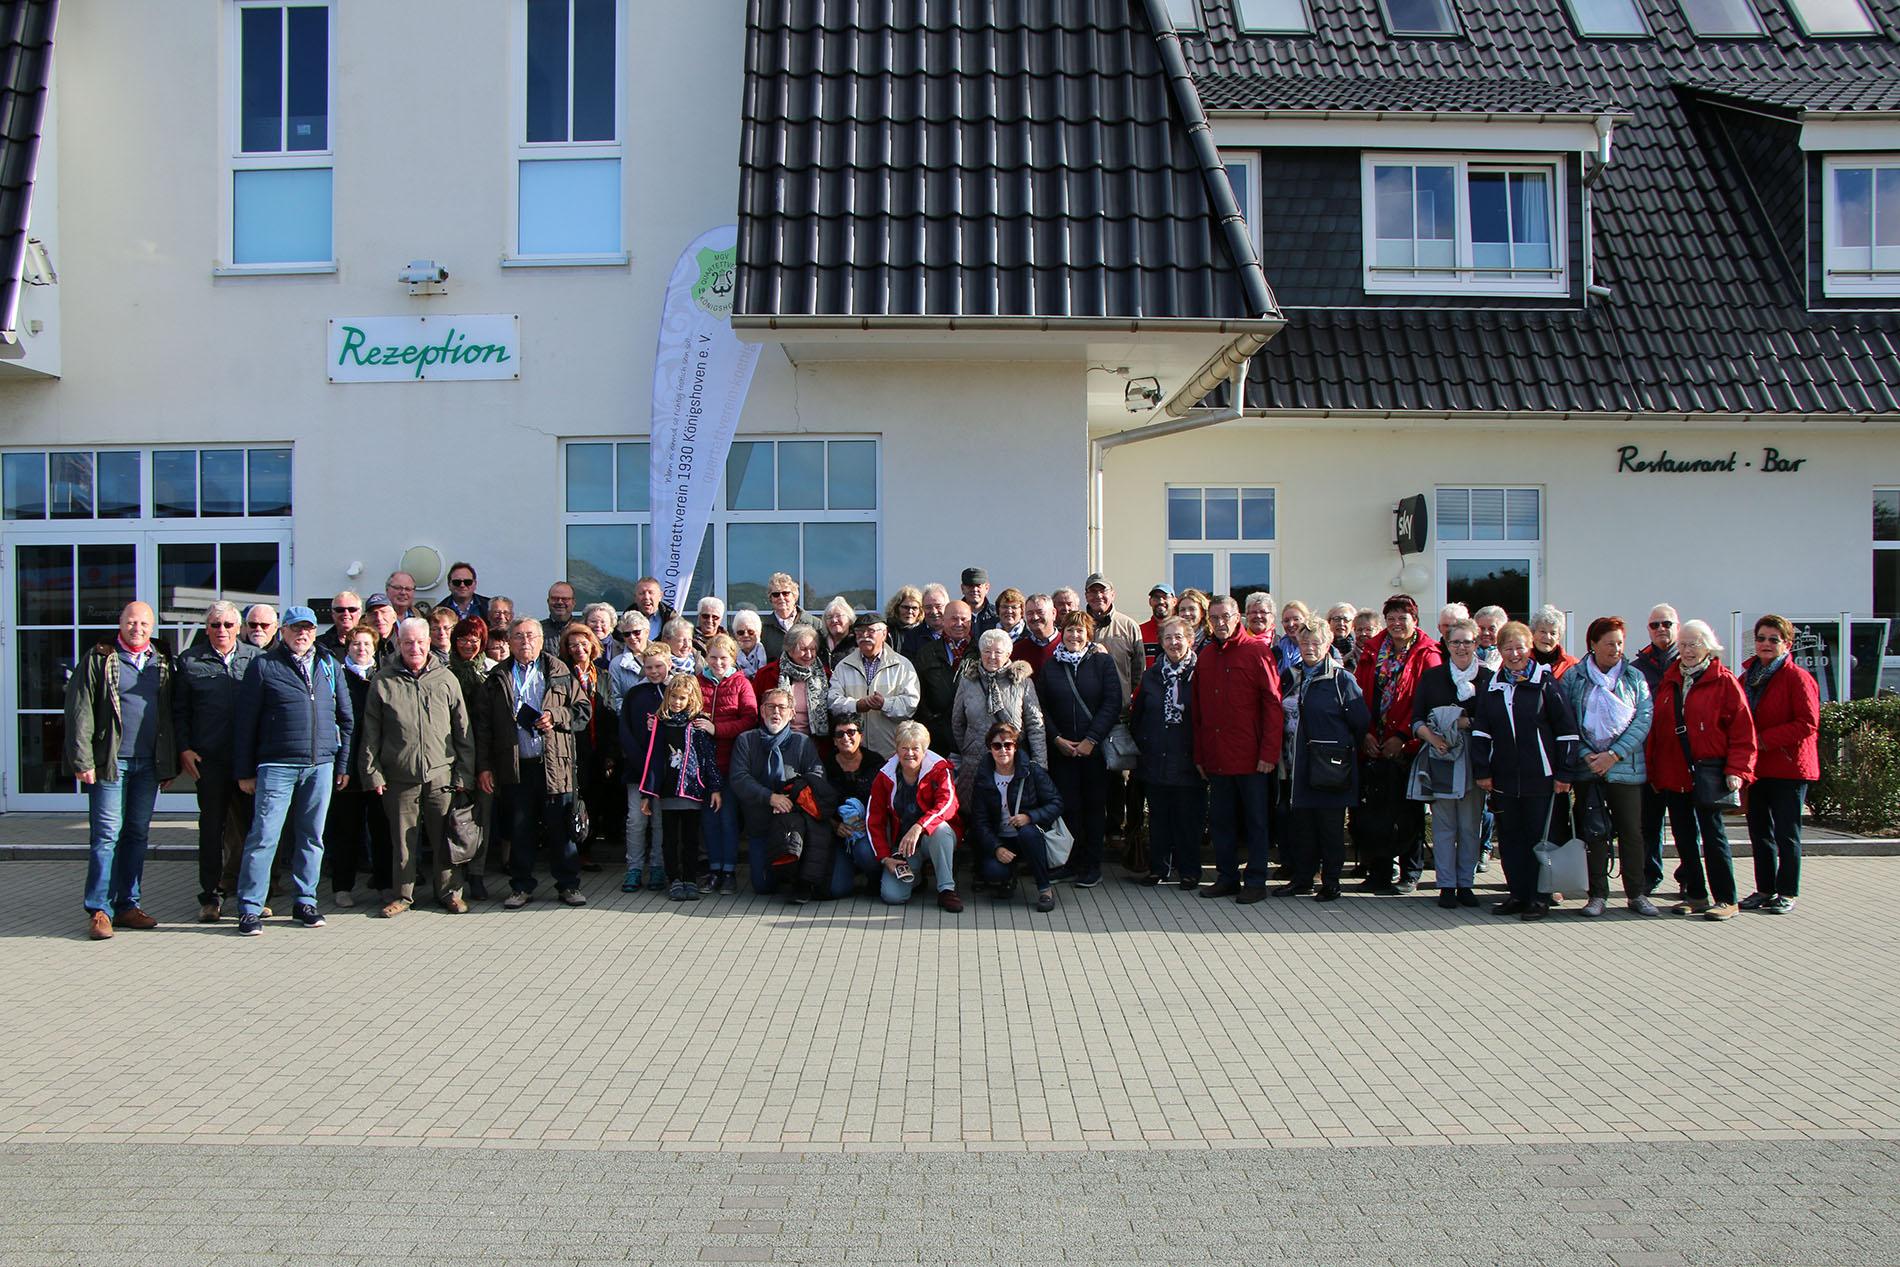 Die Reisegruppe vor dem Dorfhotel Sylt bestehend aus aktiven Quartettverein Sängern, Partnern, Fördermitgliedern, Fans und Groupies hatte viel Spaß auf der Insel Sylt. (Fotos: Bastian Schlößer)